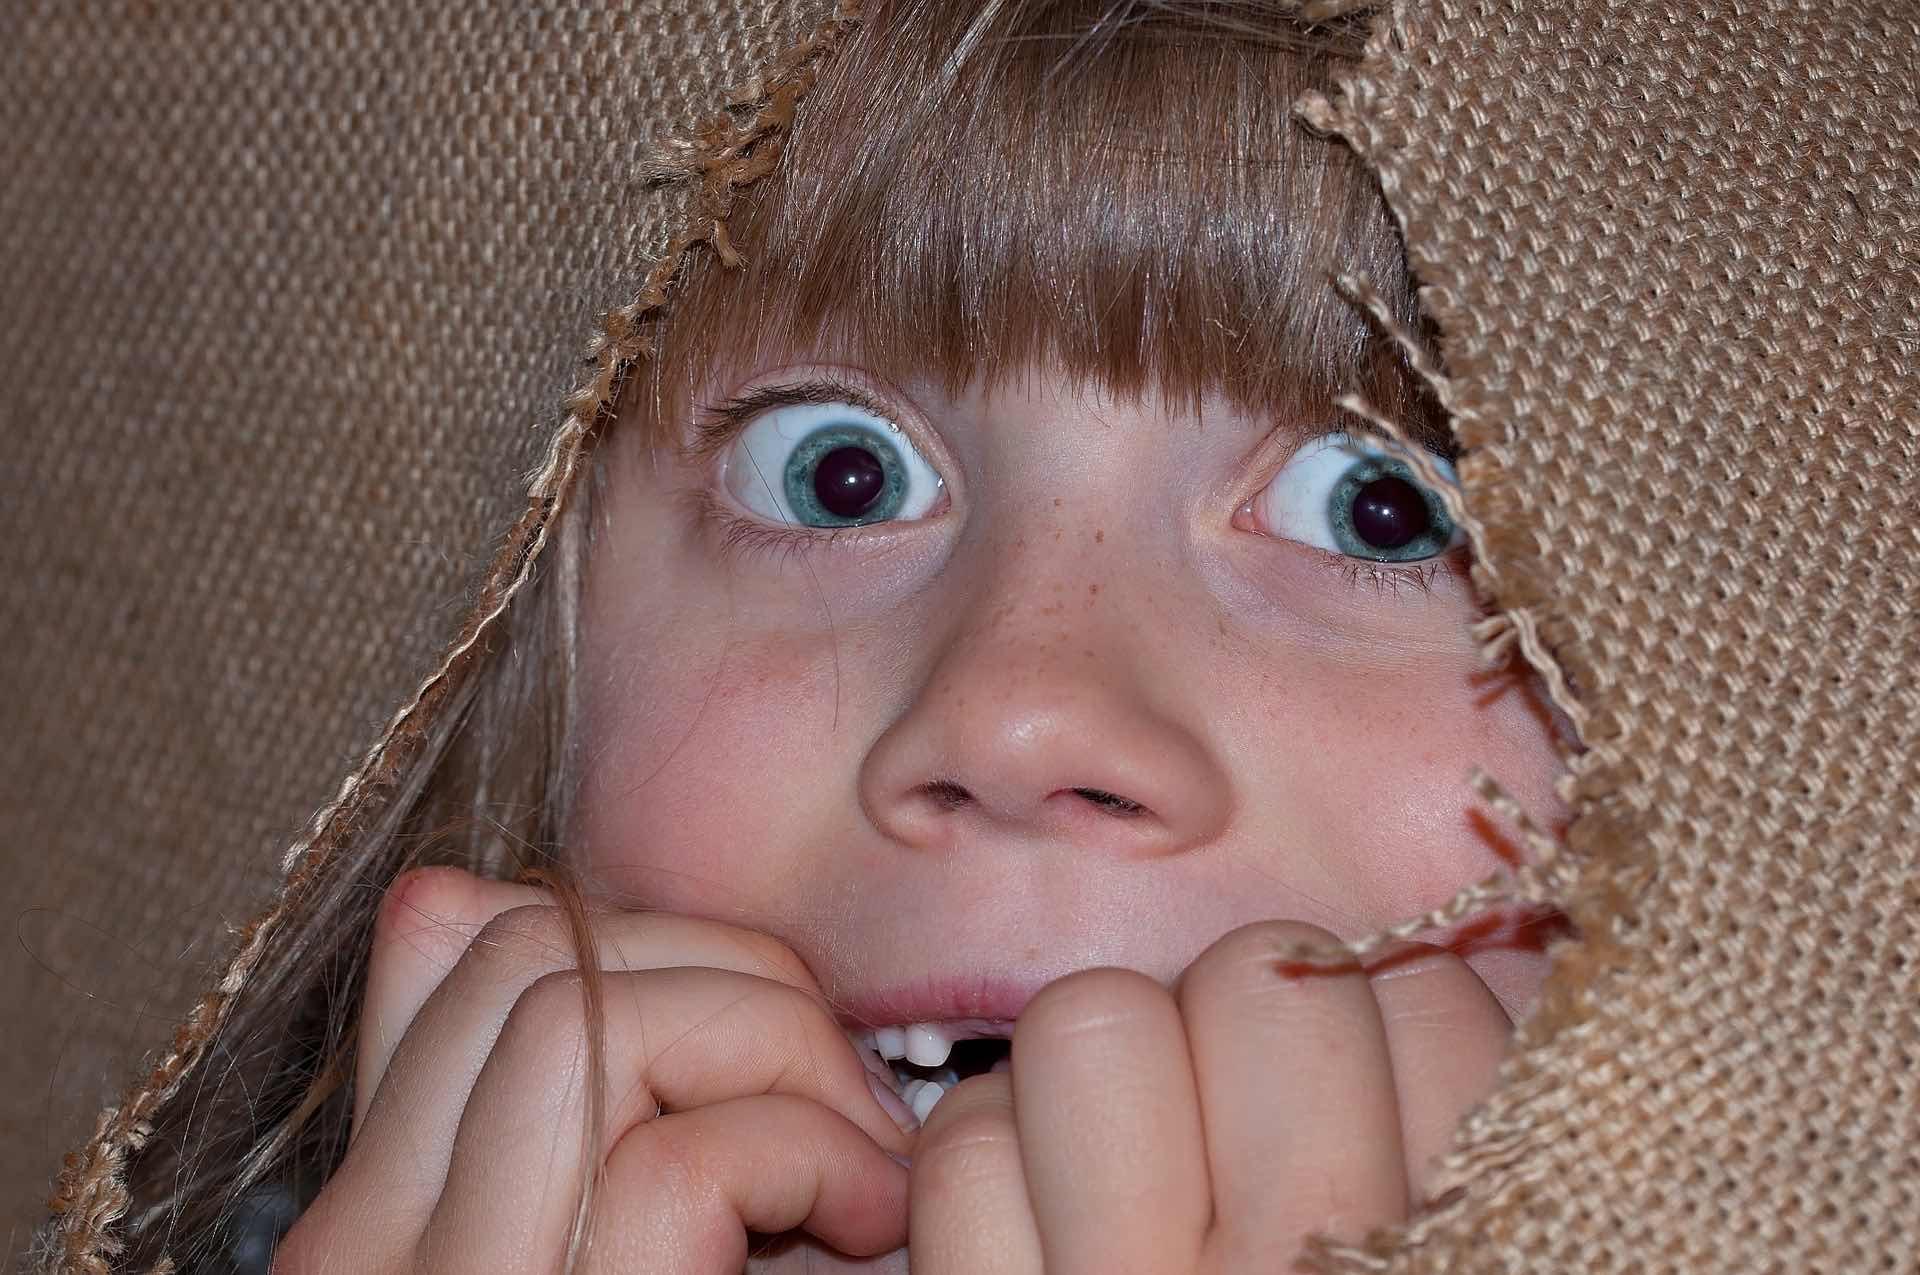 驚愕する少女の写真